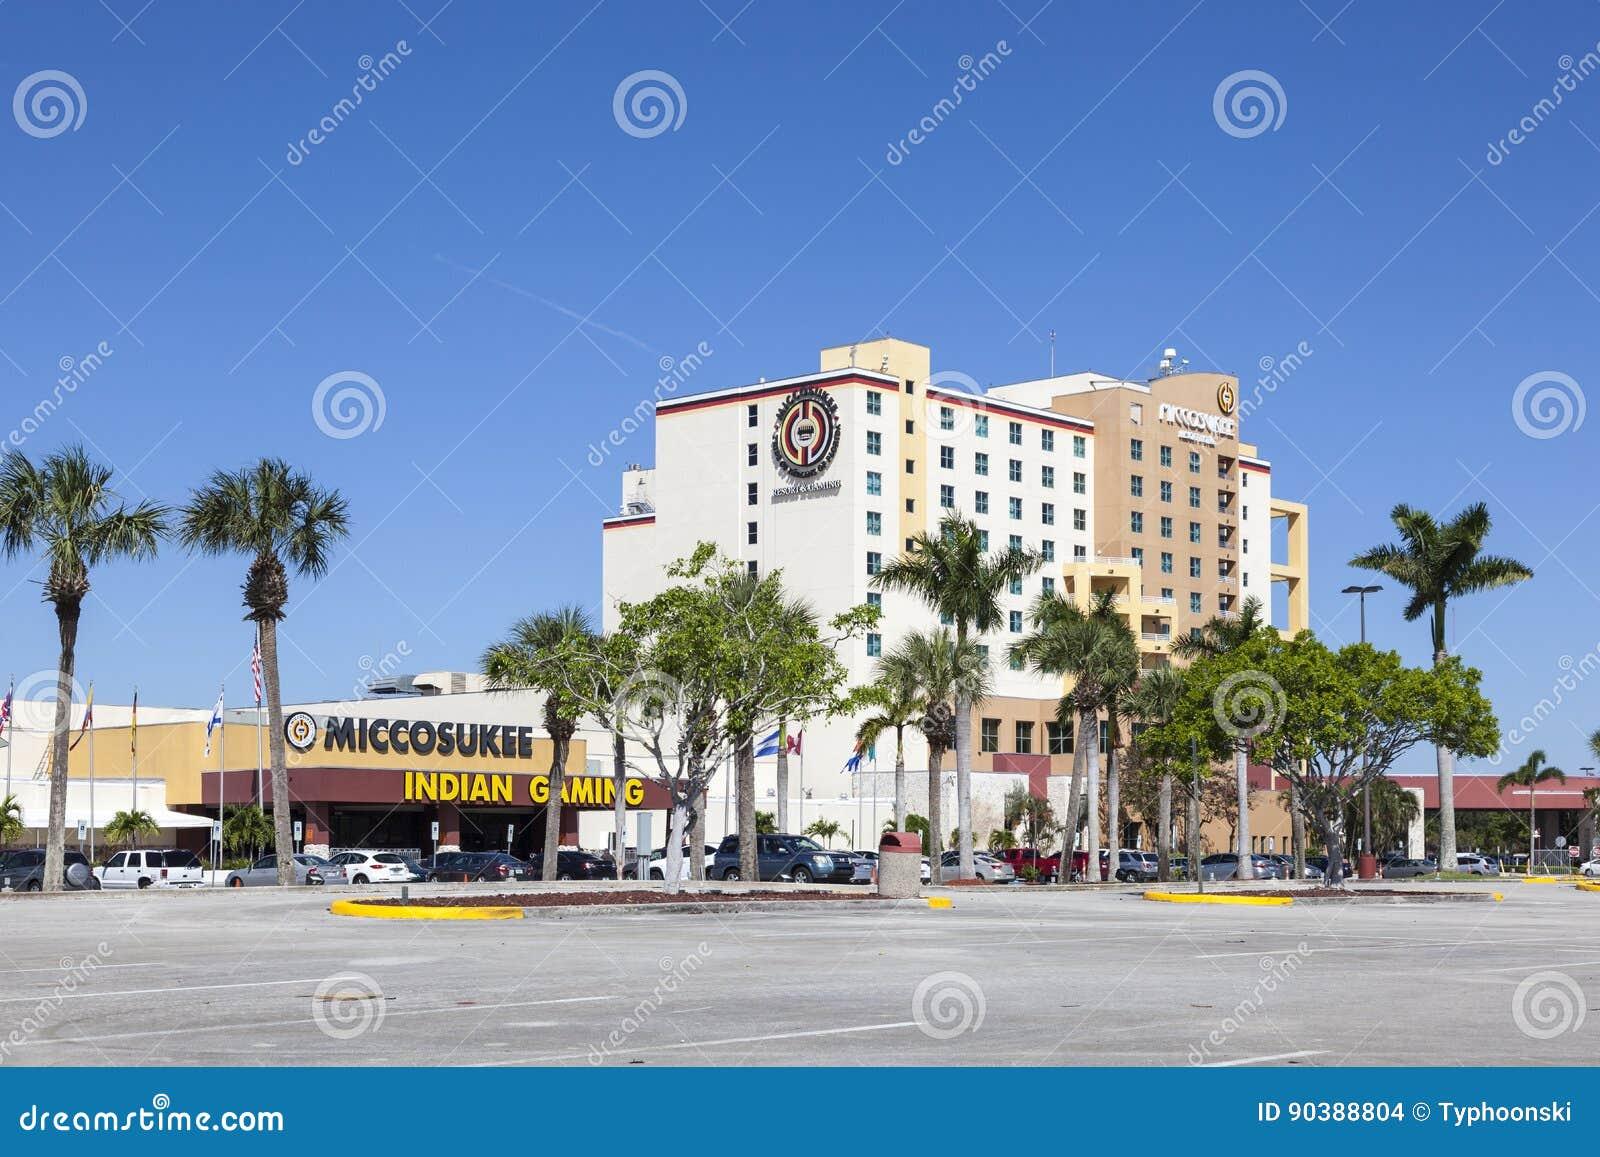 amnesia motor city casino